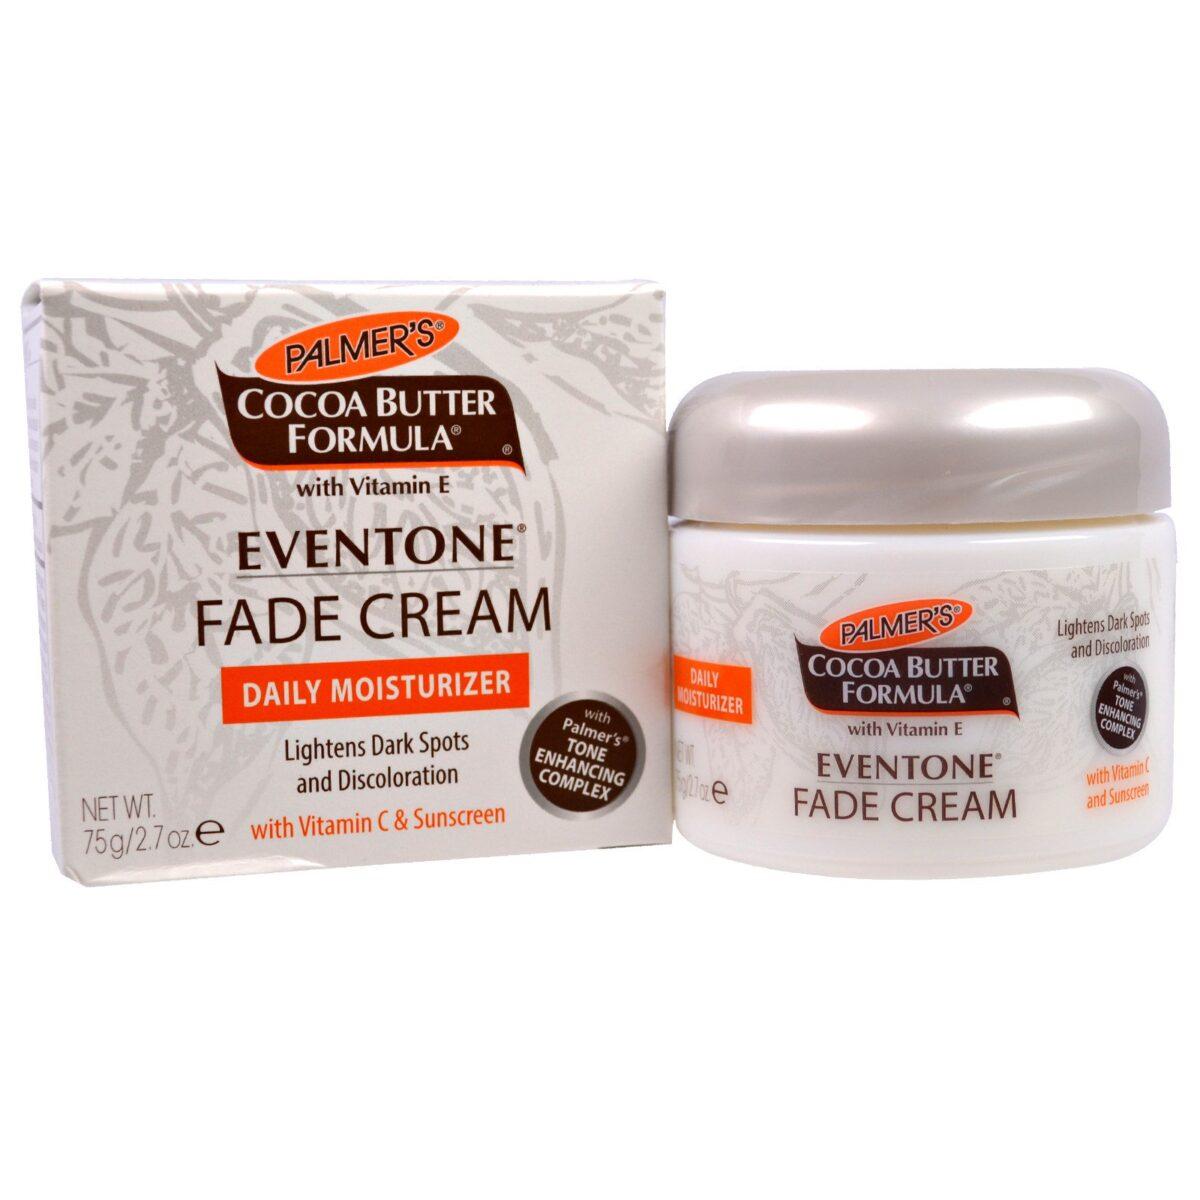 Palmer's Cocoa Butter Formula Eventone Fade Cream Daily Moisturizer